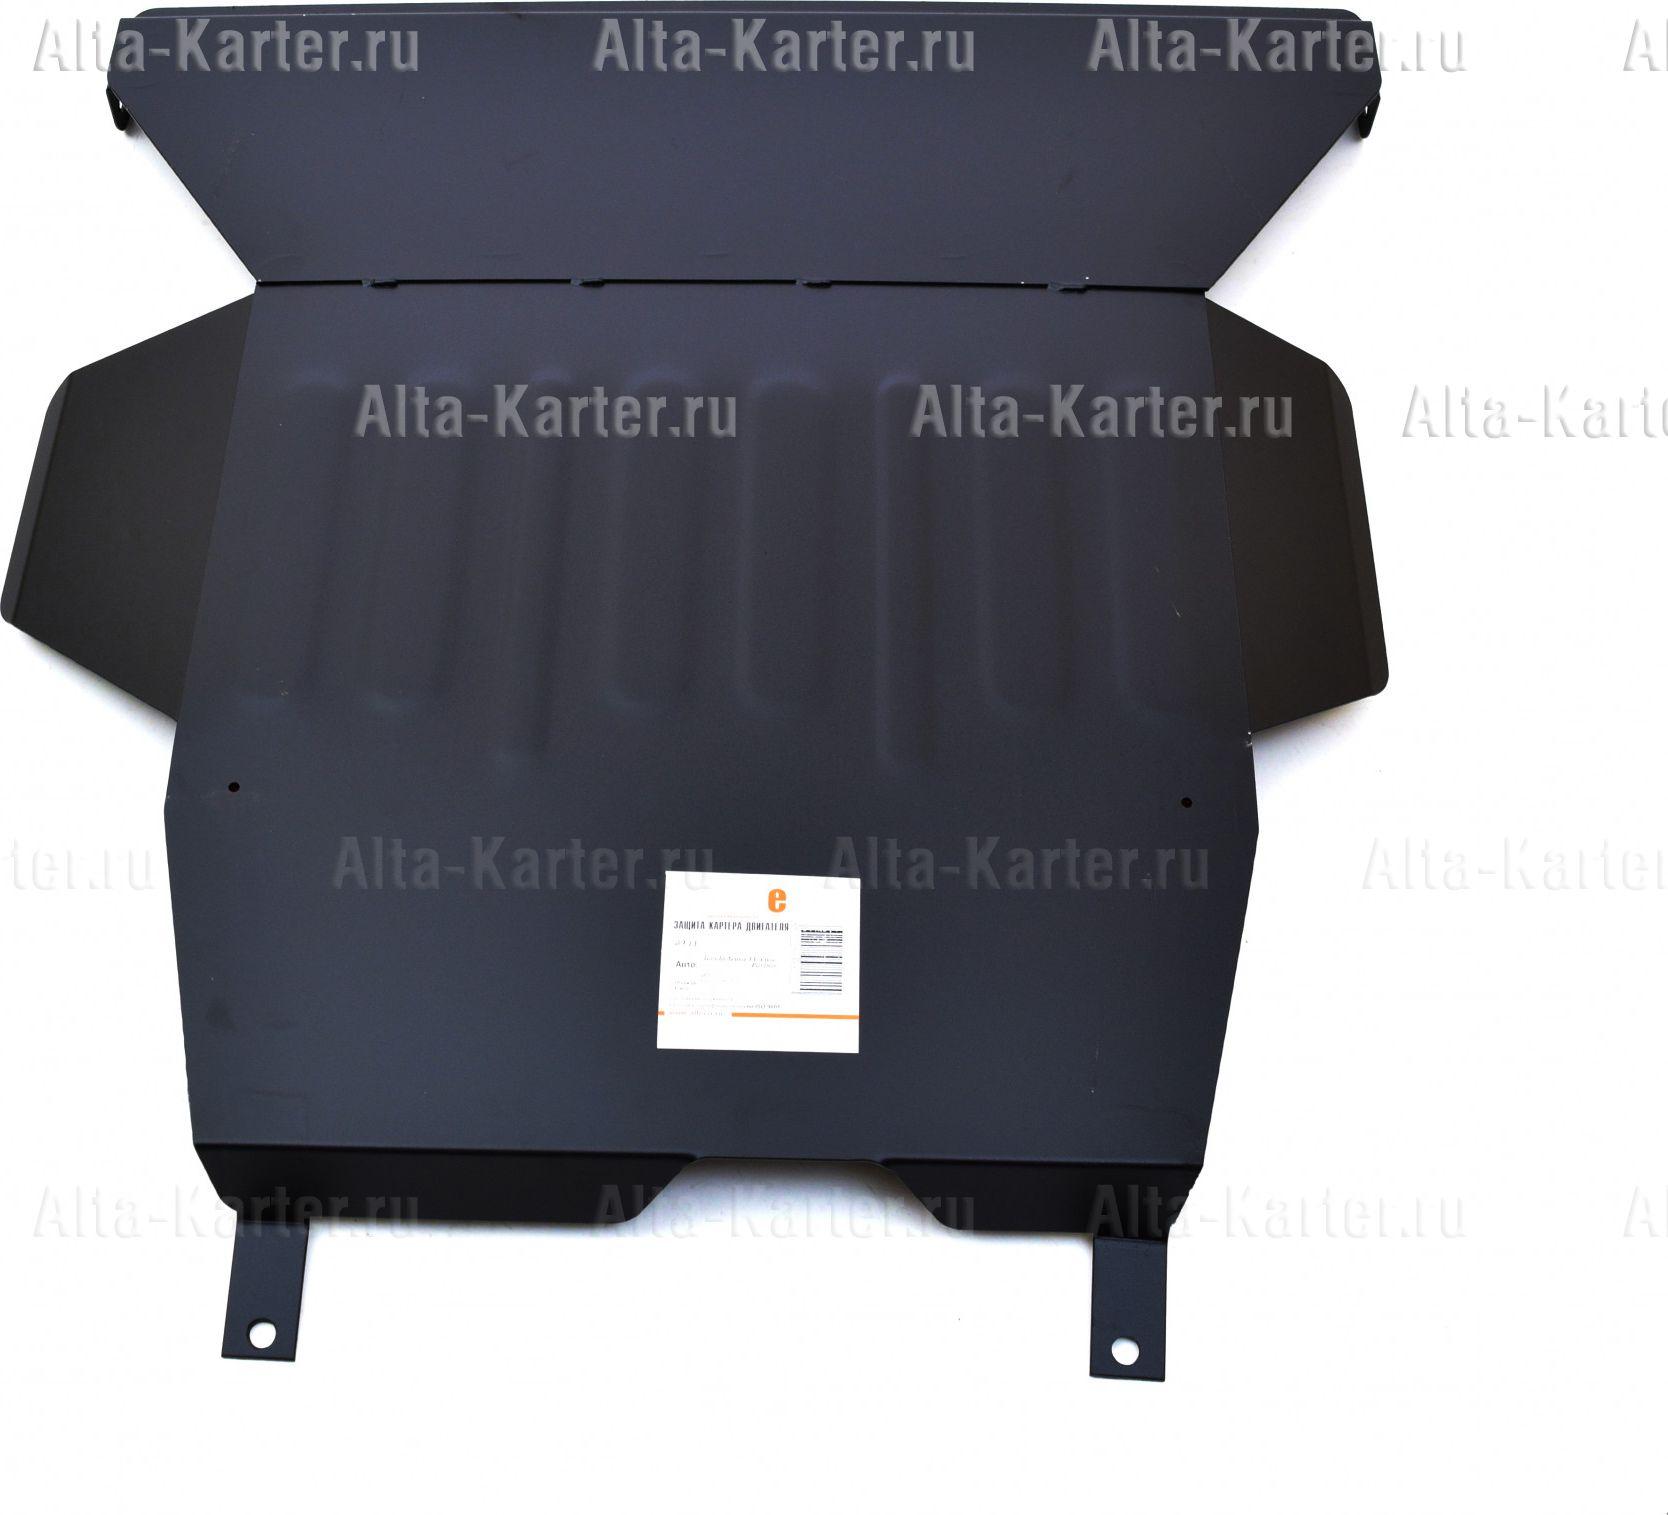 Защита Alfeco для картера и КПП Honda Orthia 1996-2002. Артикул ALF.09.11